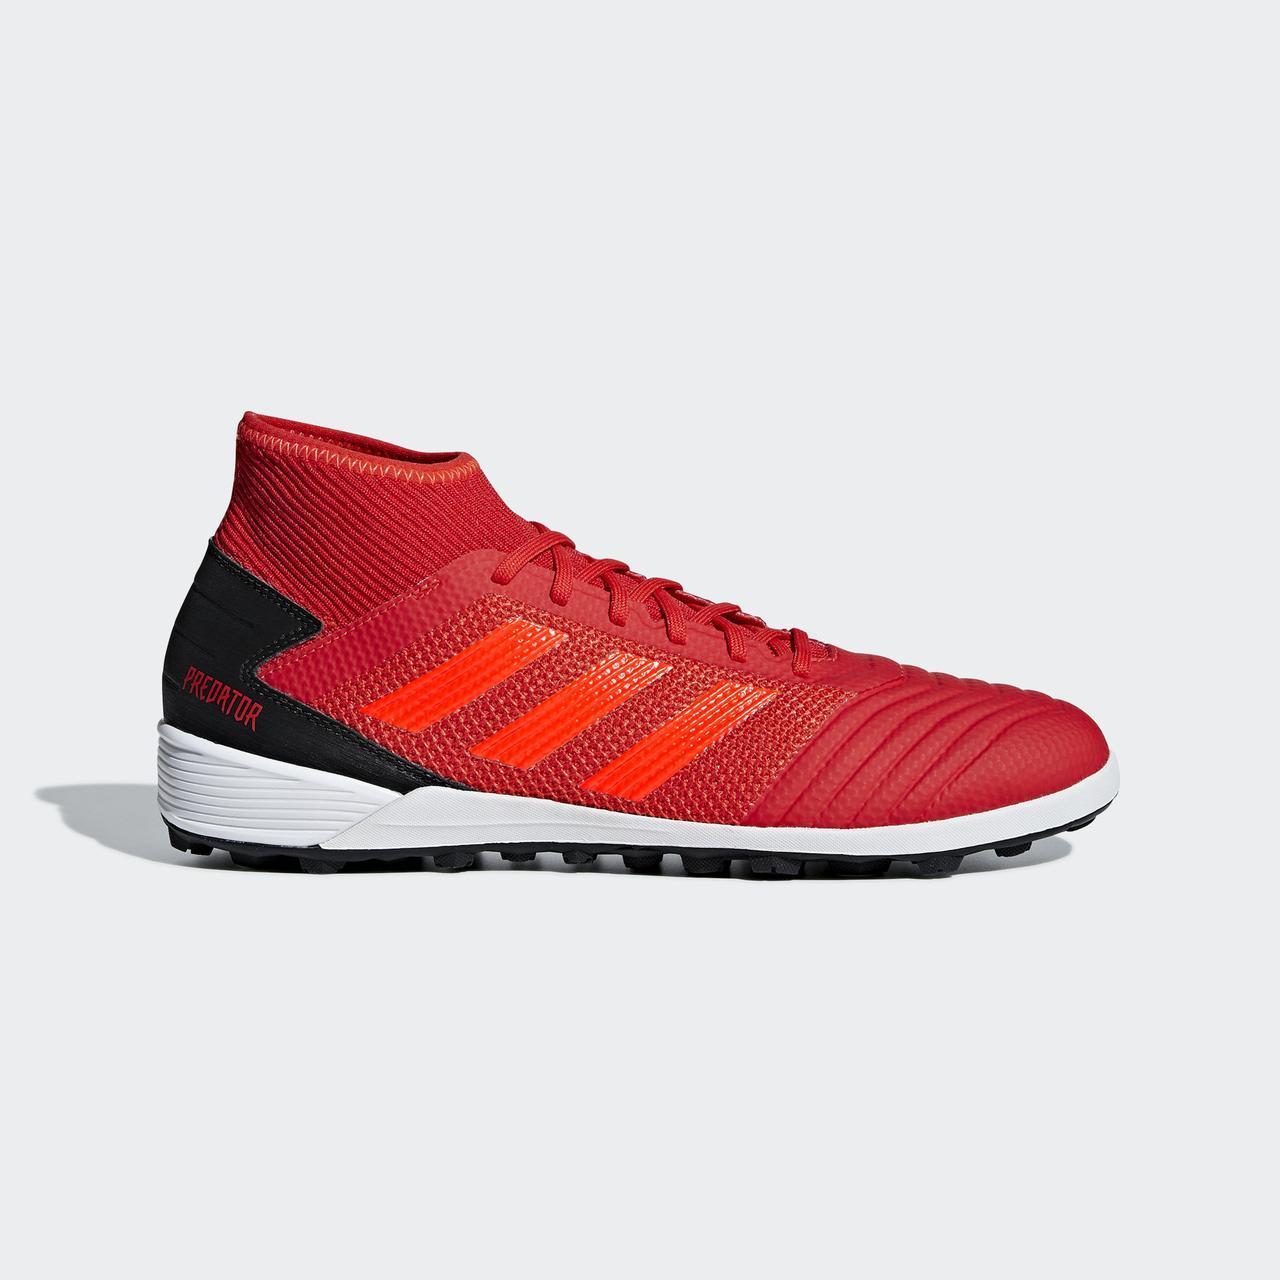 Сороконожки adidas Predator Tango 19.3 Turf Shoes D97962